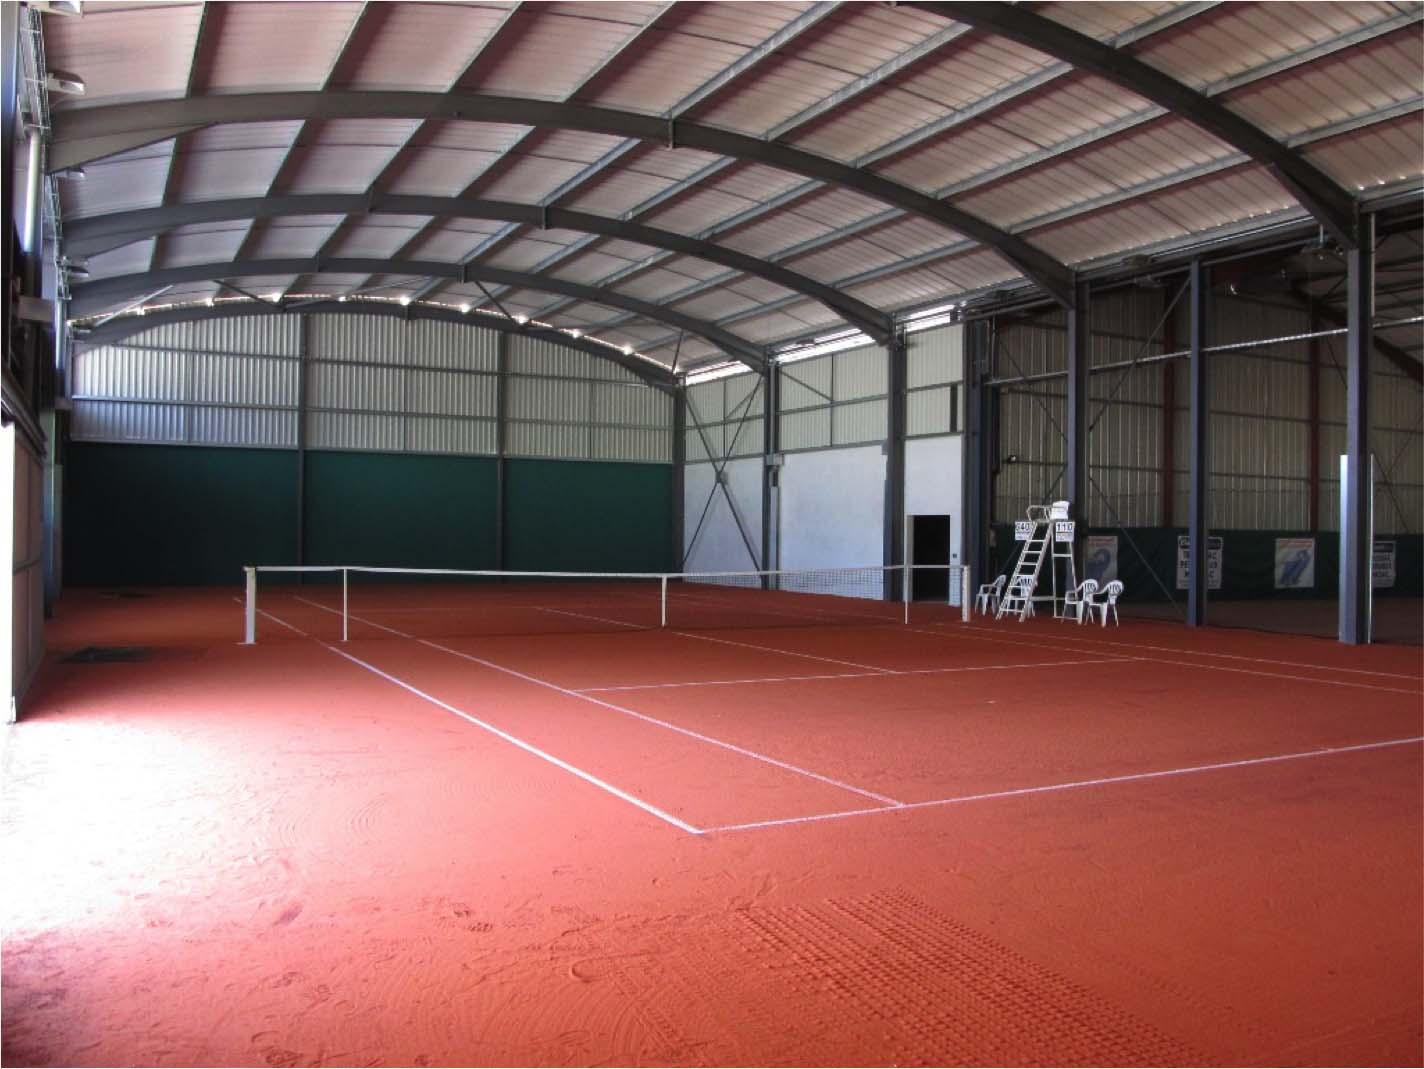 Tennis couvert - Dordogne